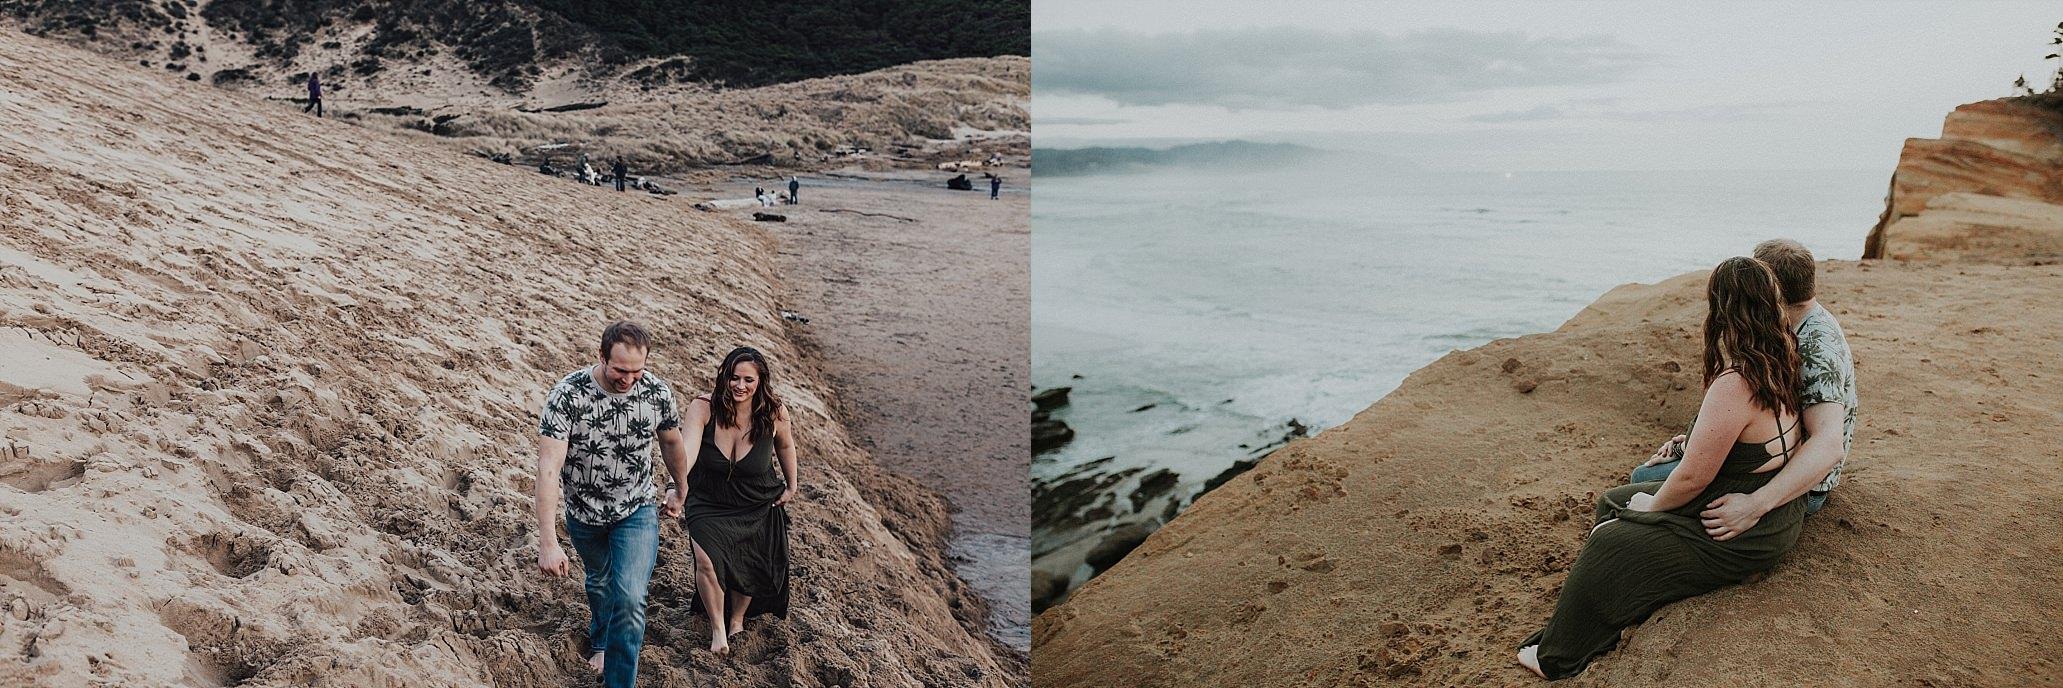 Oregon Coast Engagement Photographer (8).jpg